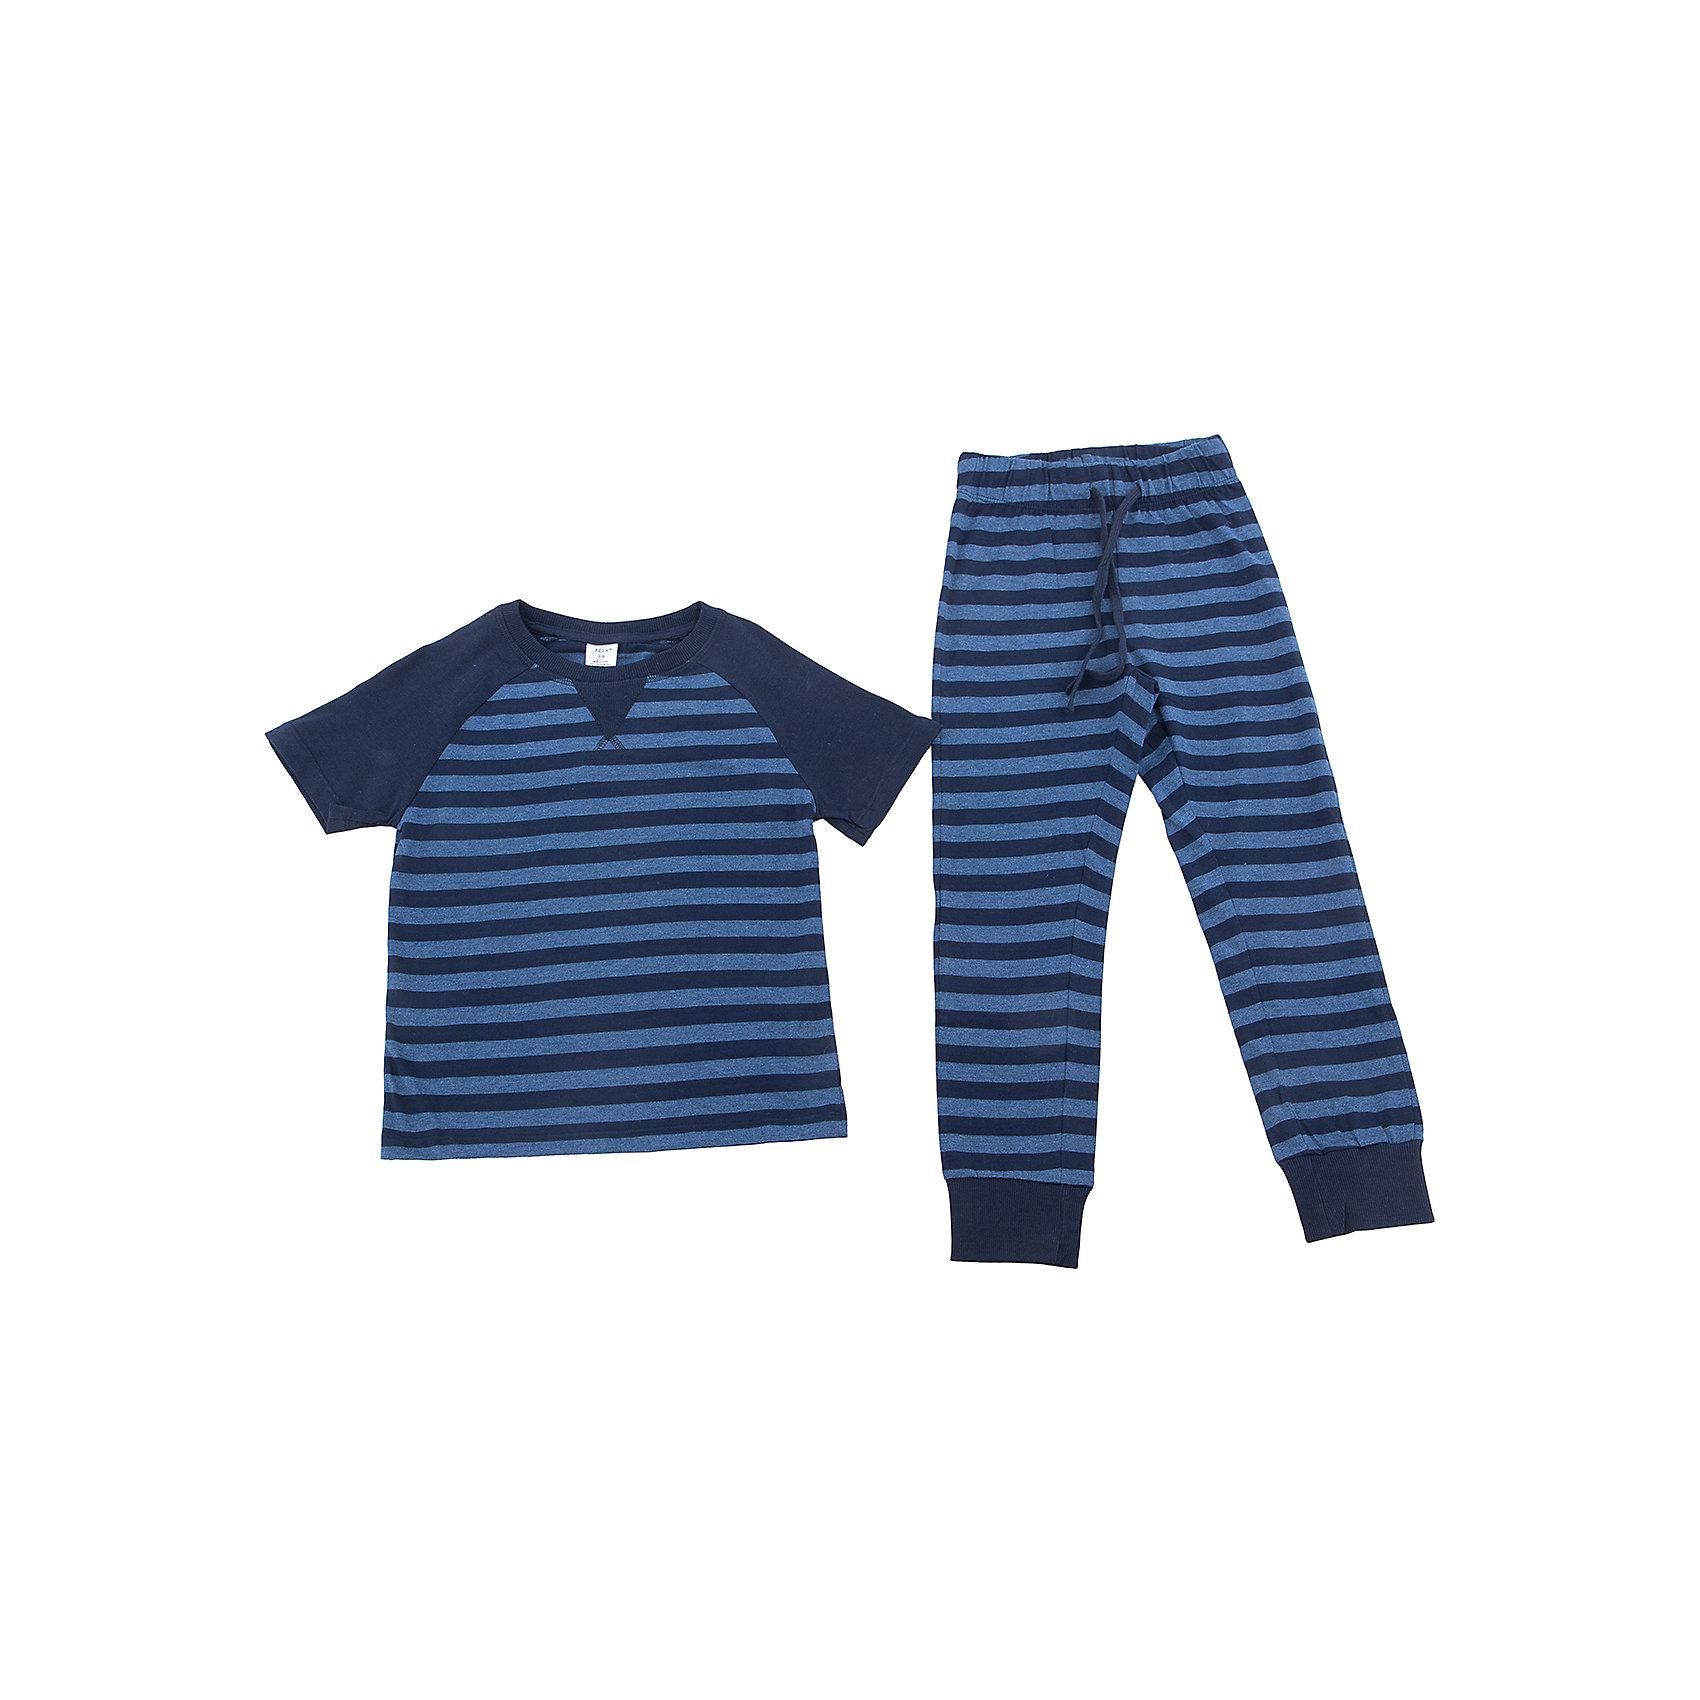 Пижама SELA для мальчикаПижамы и сорочки<br>Характеристики товара:<br><br>• цвет: синий<br>• состав ткани: 60% хлопок, 40% полиэстер<br>• комплектация: футболка, брюки<br>• сезон: круглый год<br>• особенности модели: спортивный стиль<br>• короткие рукава<br>• пояс: резинка, шнурок<br>• страна бренда: Россия<br>• страна производства: Индия<br><br>Эта пижама для мальчика поможет обеспечить ребенку комфорт. Синяя детская пижама - универсальная и удобная вещь. Эта пижама для ребенка сшита из материала, в составе которого - натуральный хлопок. А значит трикотажная пижама позволяет коже дышать, не вызывает аллергии, долго служит и легко стирается.<br><br>Пижаму для мальчика Sela (Села) можно купить в нашем интернет-магазине.<br><br>Ширина мм: 281<br>Глубина мм: 70<br>Высота мм: 188<br>Вес г: 295<br>Цвет: синий<br>Возраст от месяцев: 120<br>Возраст до месяцев: 132<br>Пол: Мужской<br>Возраст: Детский<br>Размер: 104/110,116/122,128/134,140/146<br>SKU: 7032367